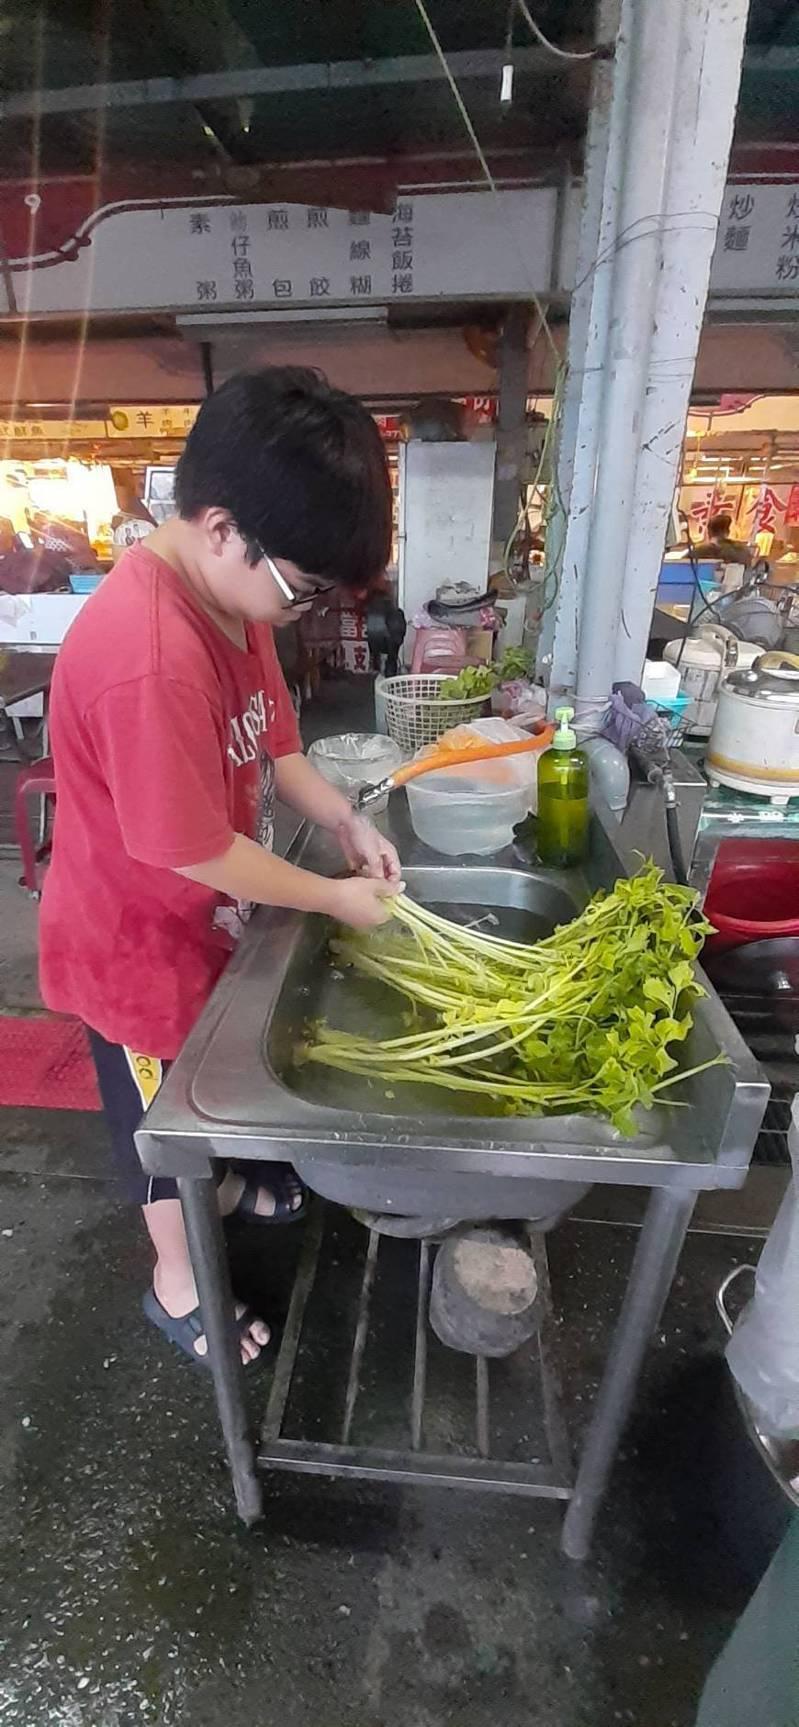 國中一年級的徐旻詰幫忙媽媽麵攤備菜,減輕媽媽負擔。圖/屏東家扶中心提供